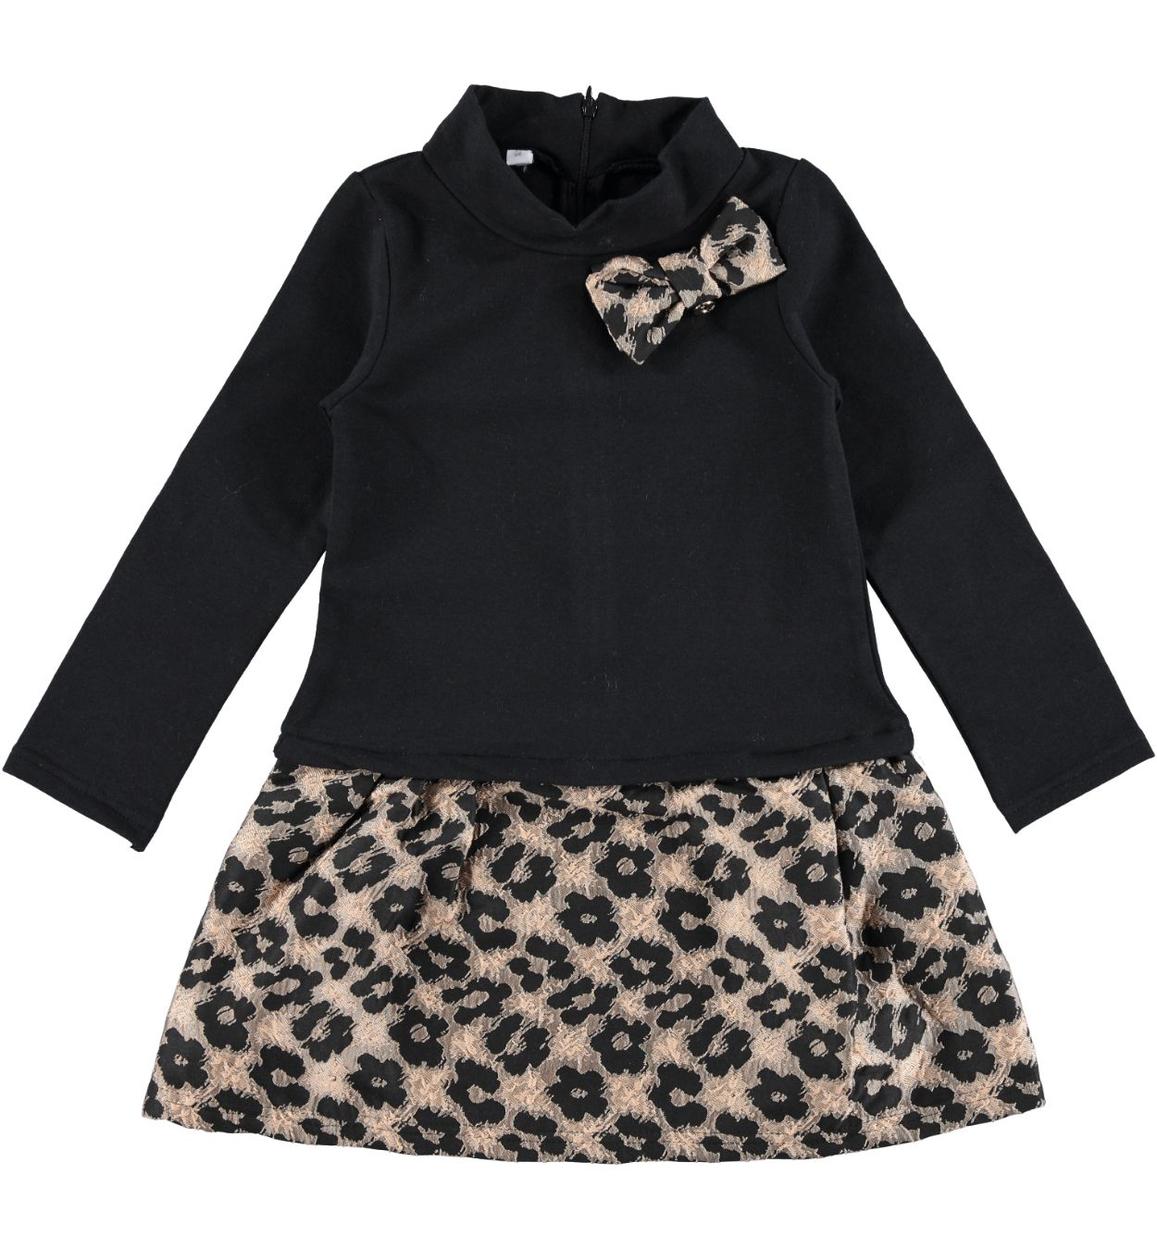 Vestito per bambina a manica lunga in felpa stretch garzata vestibilità da 3  a 16 anni iDO a5b79a45372